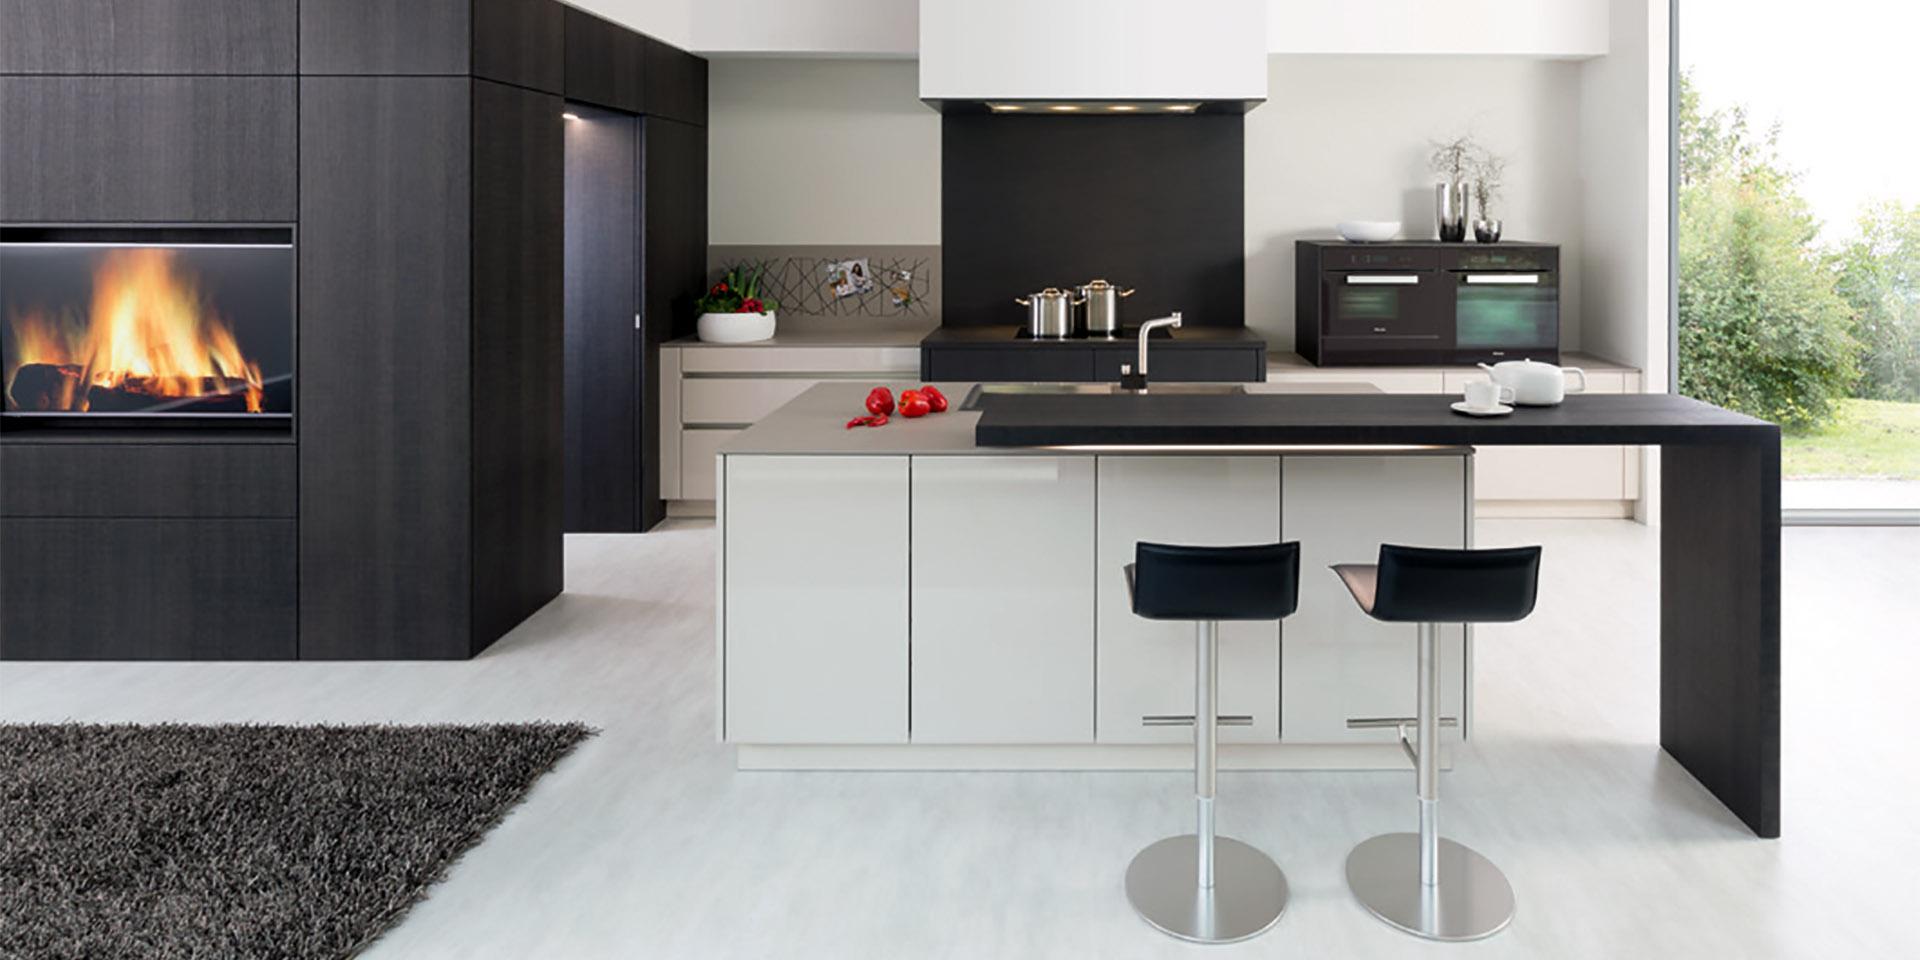 Rempp Küchen rempp küchen bei fenchel wohnfaszination gmbh